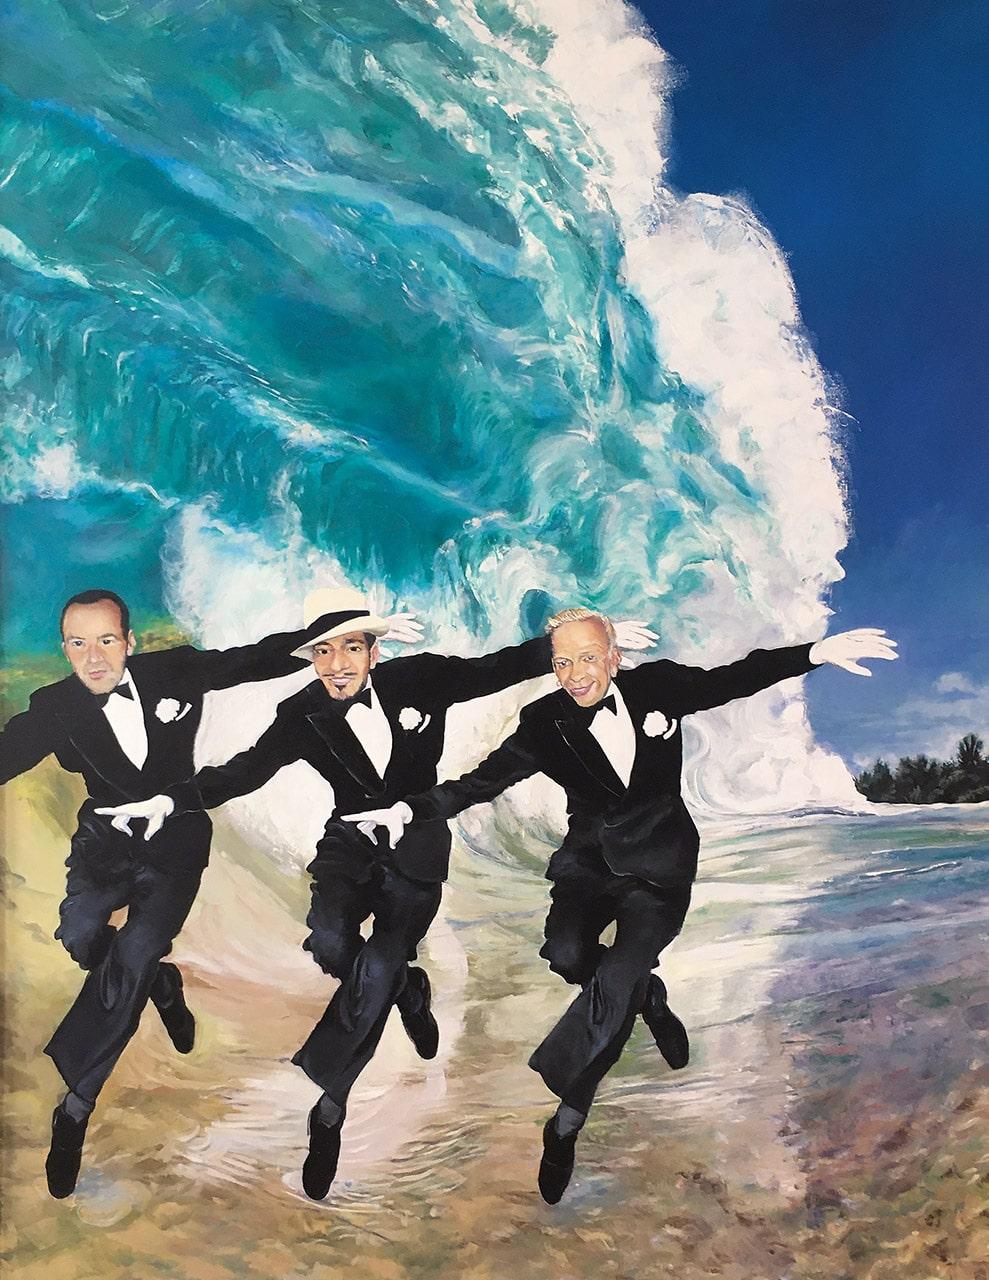 Auf der Welle des Erfolges | 2019 | 130 x 100 cm | Öl auf Leinwand